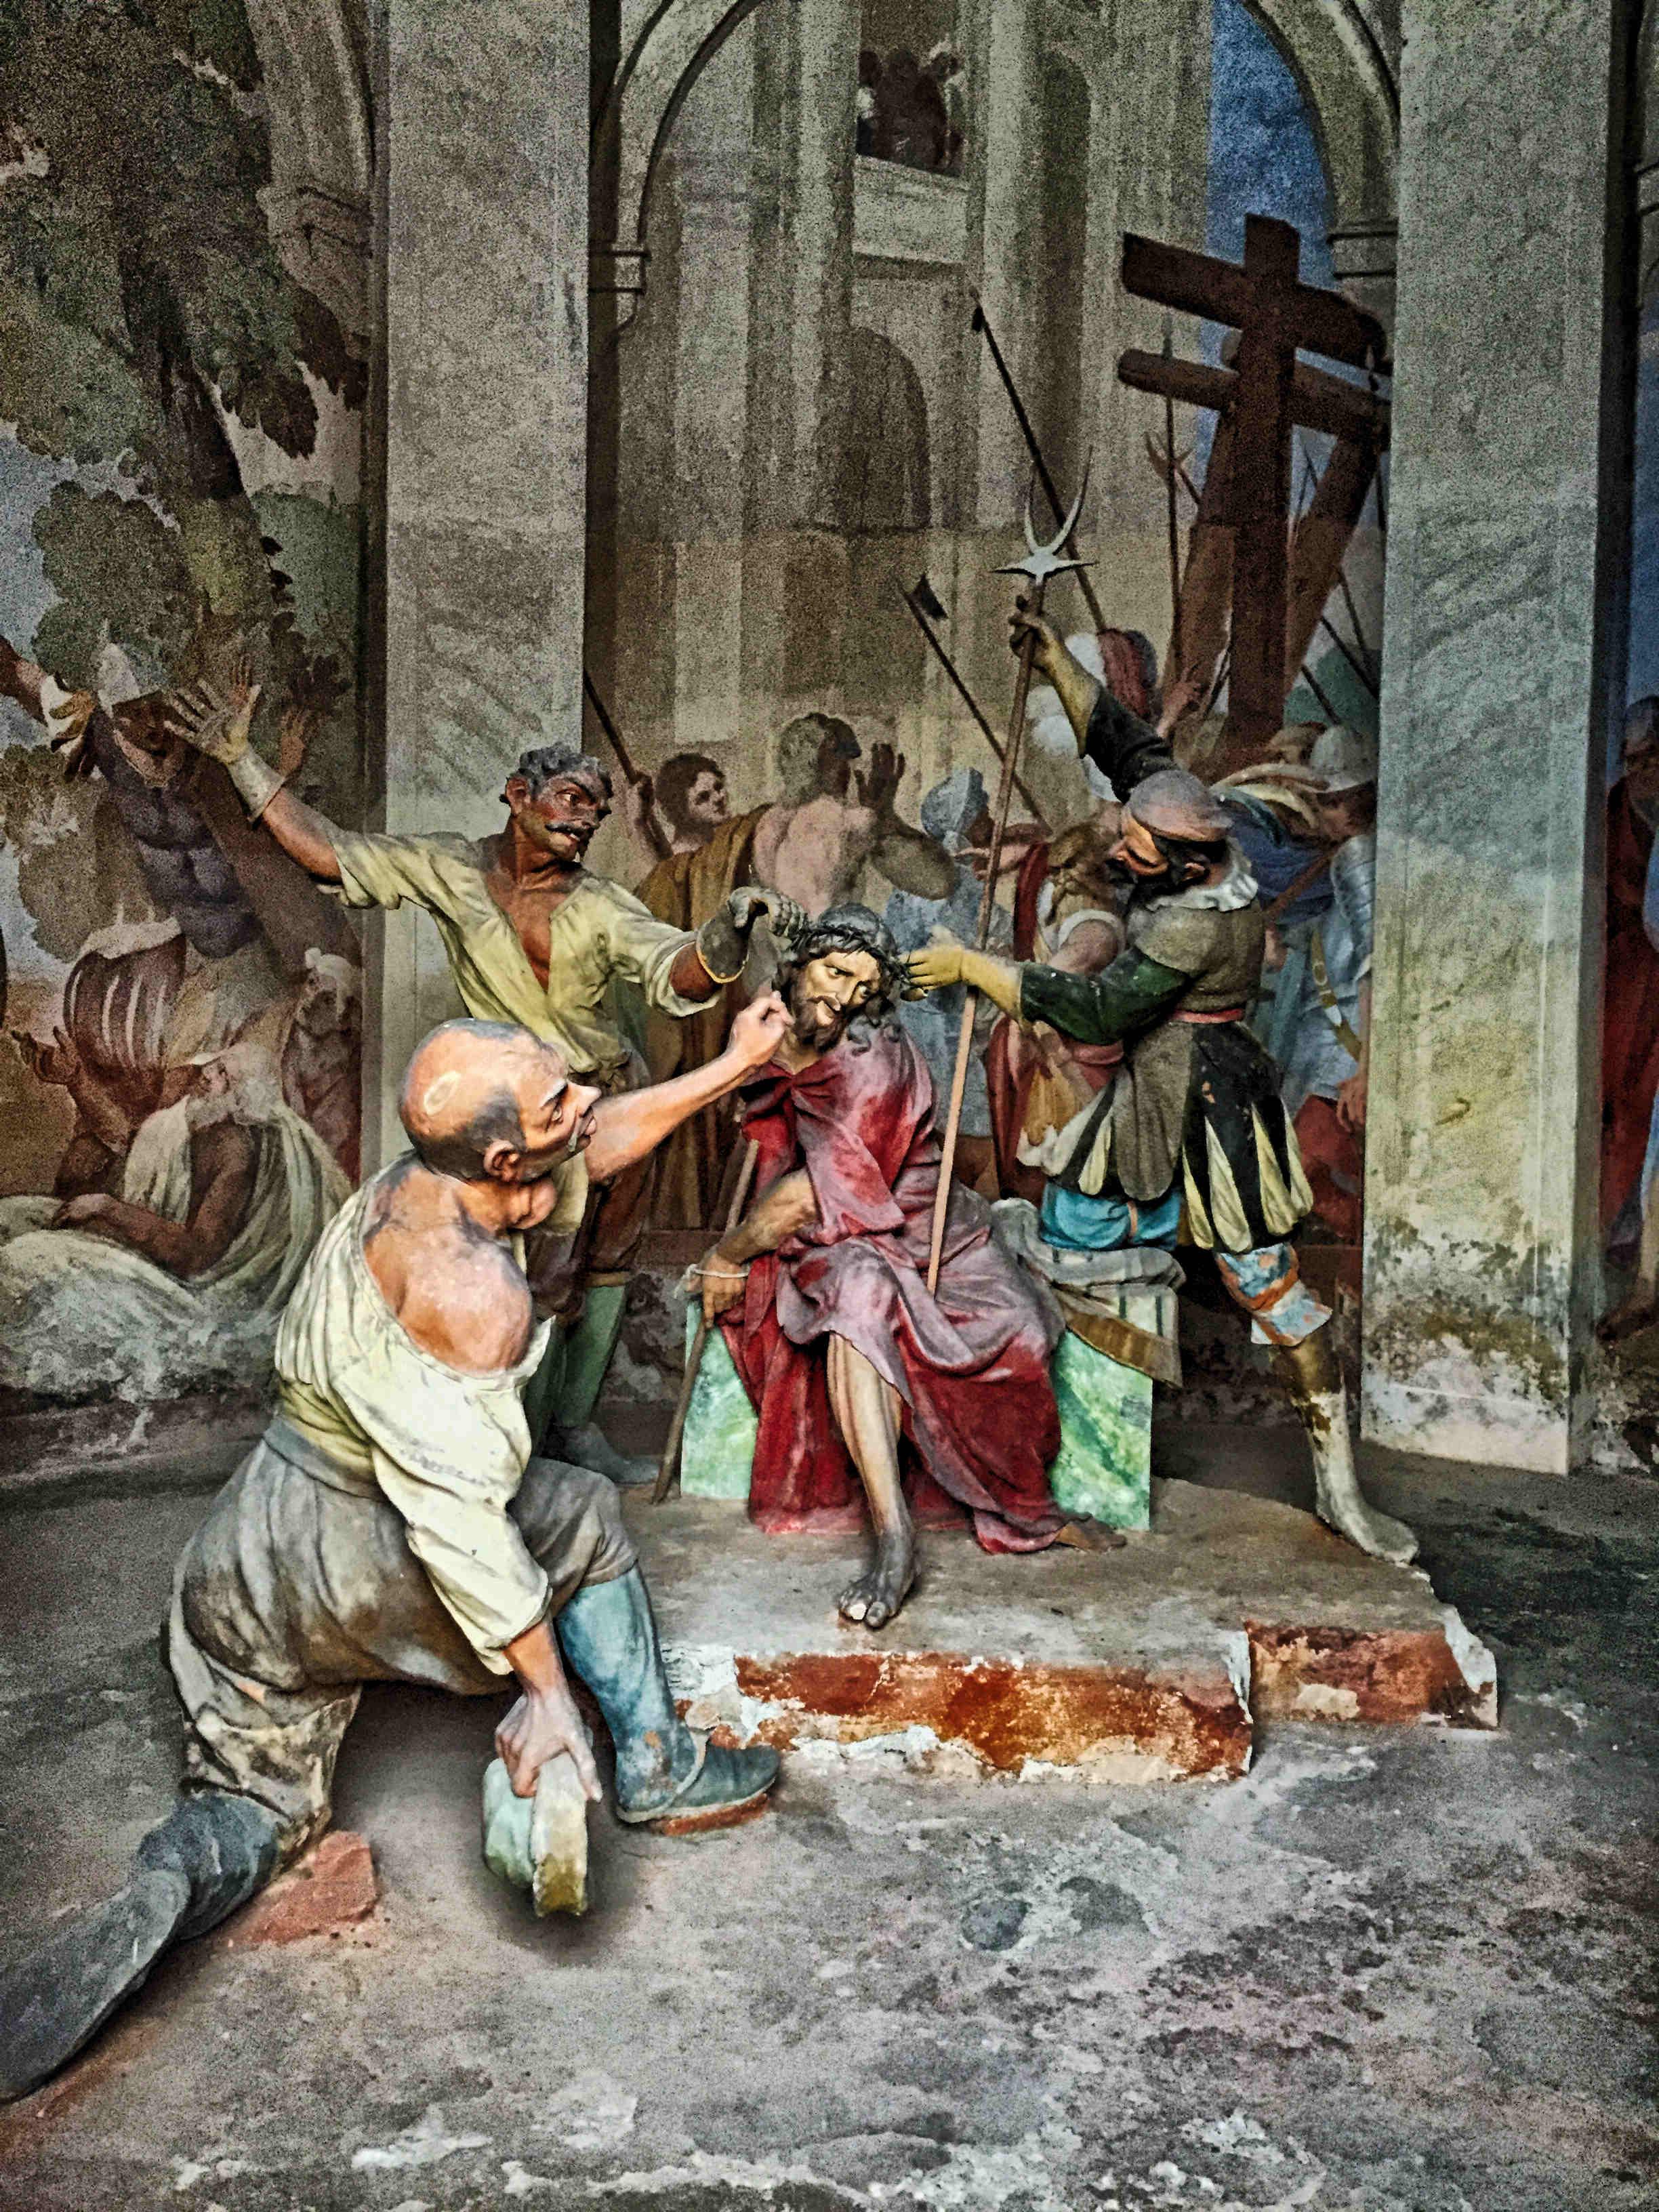 Comer See im Winter Tipps: Lebensechte biblische Szenen an der Wallfahrtskirche